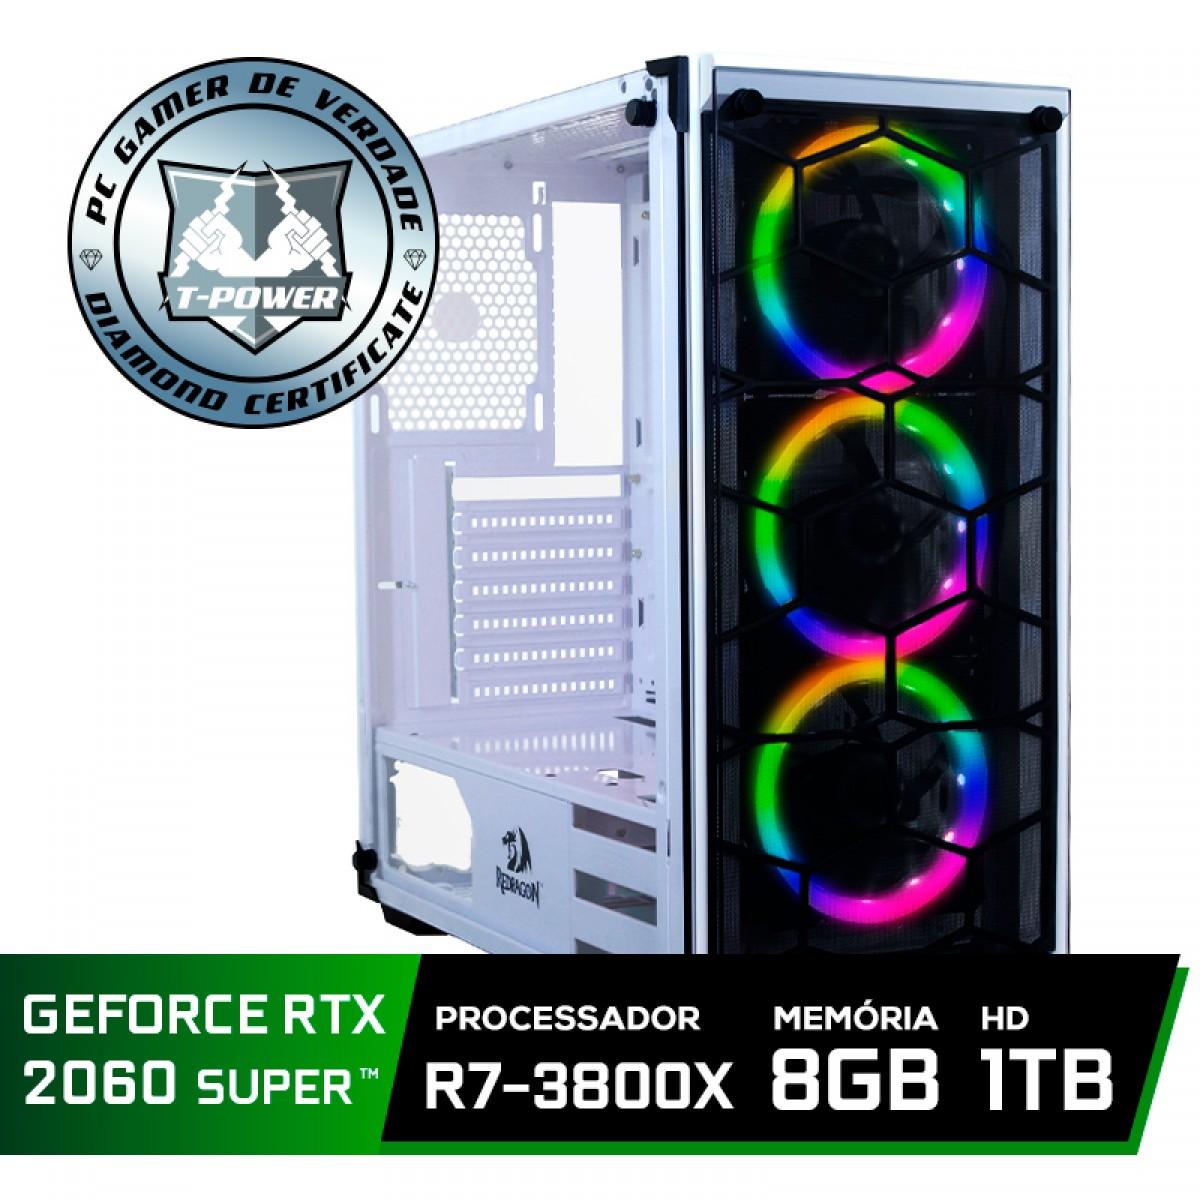 Pc Gamer Super Tera Edition AMD Ryzen 7 3800X / GeForce RTX 2060 Super / DDR4 8GB / HD 1TB / 600W